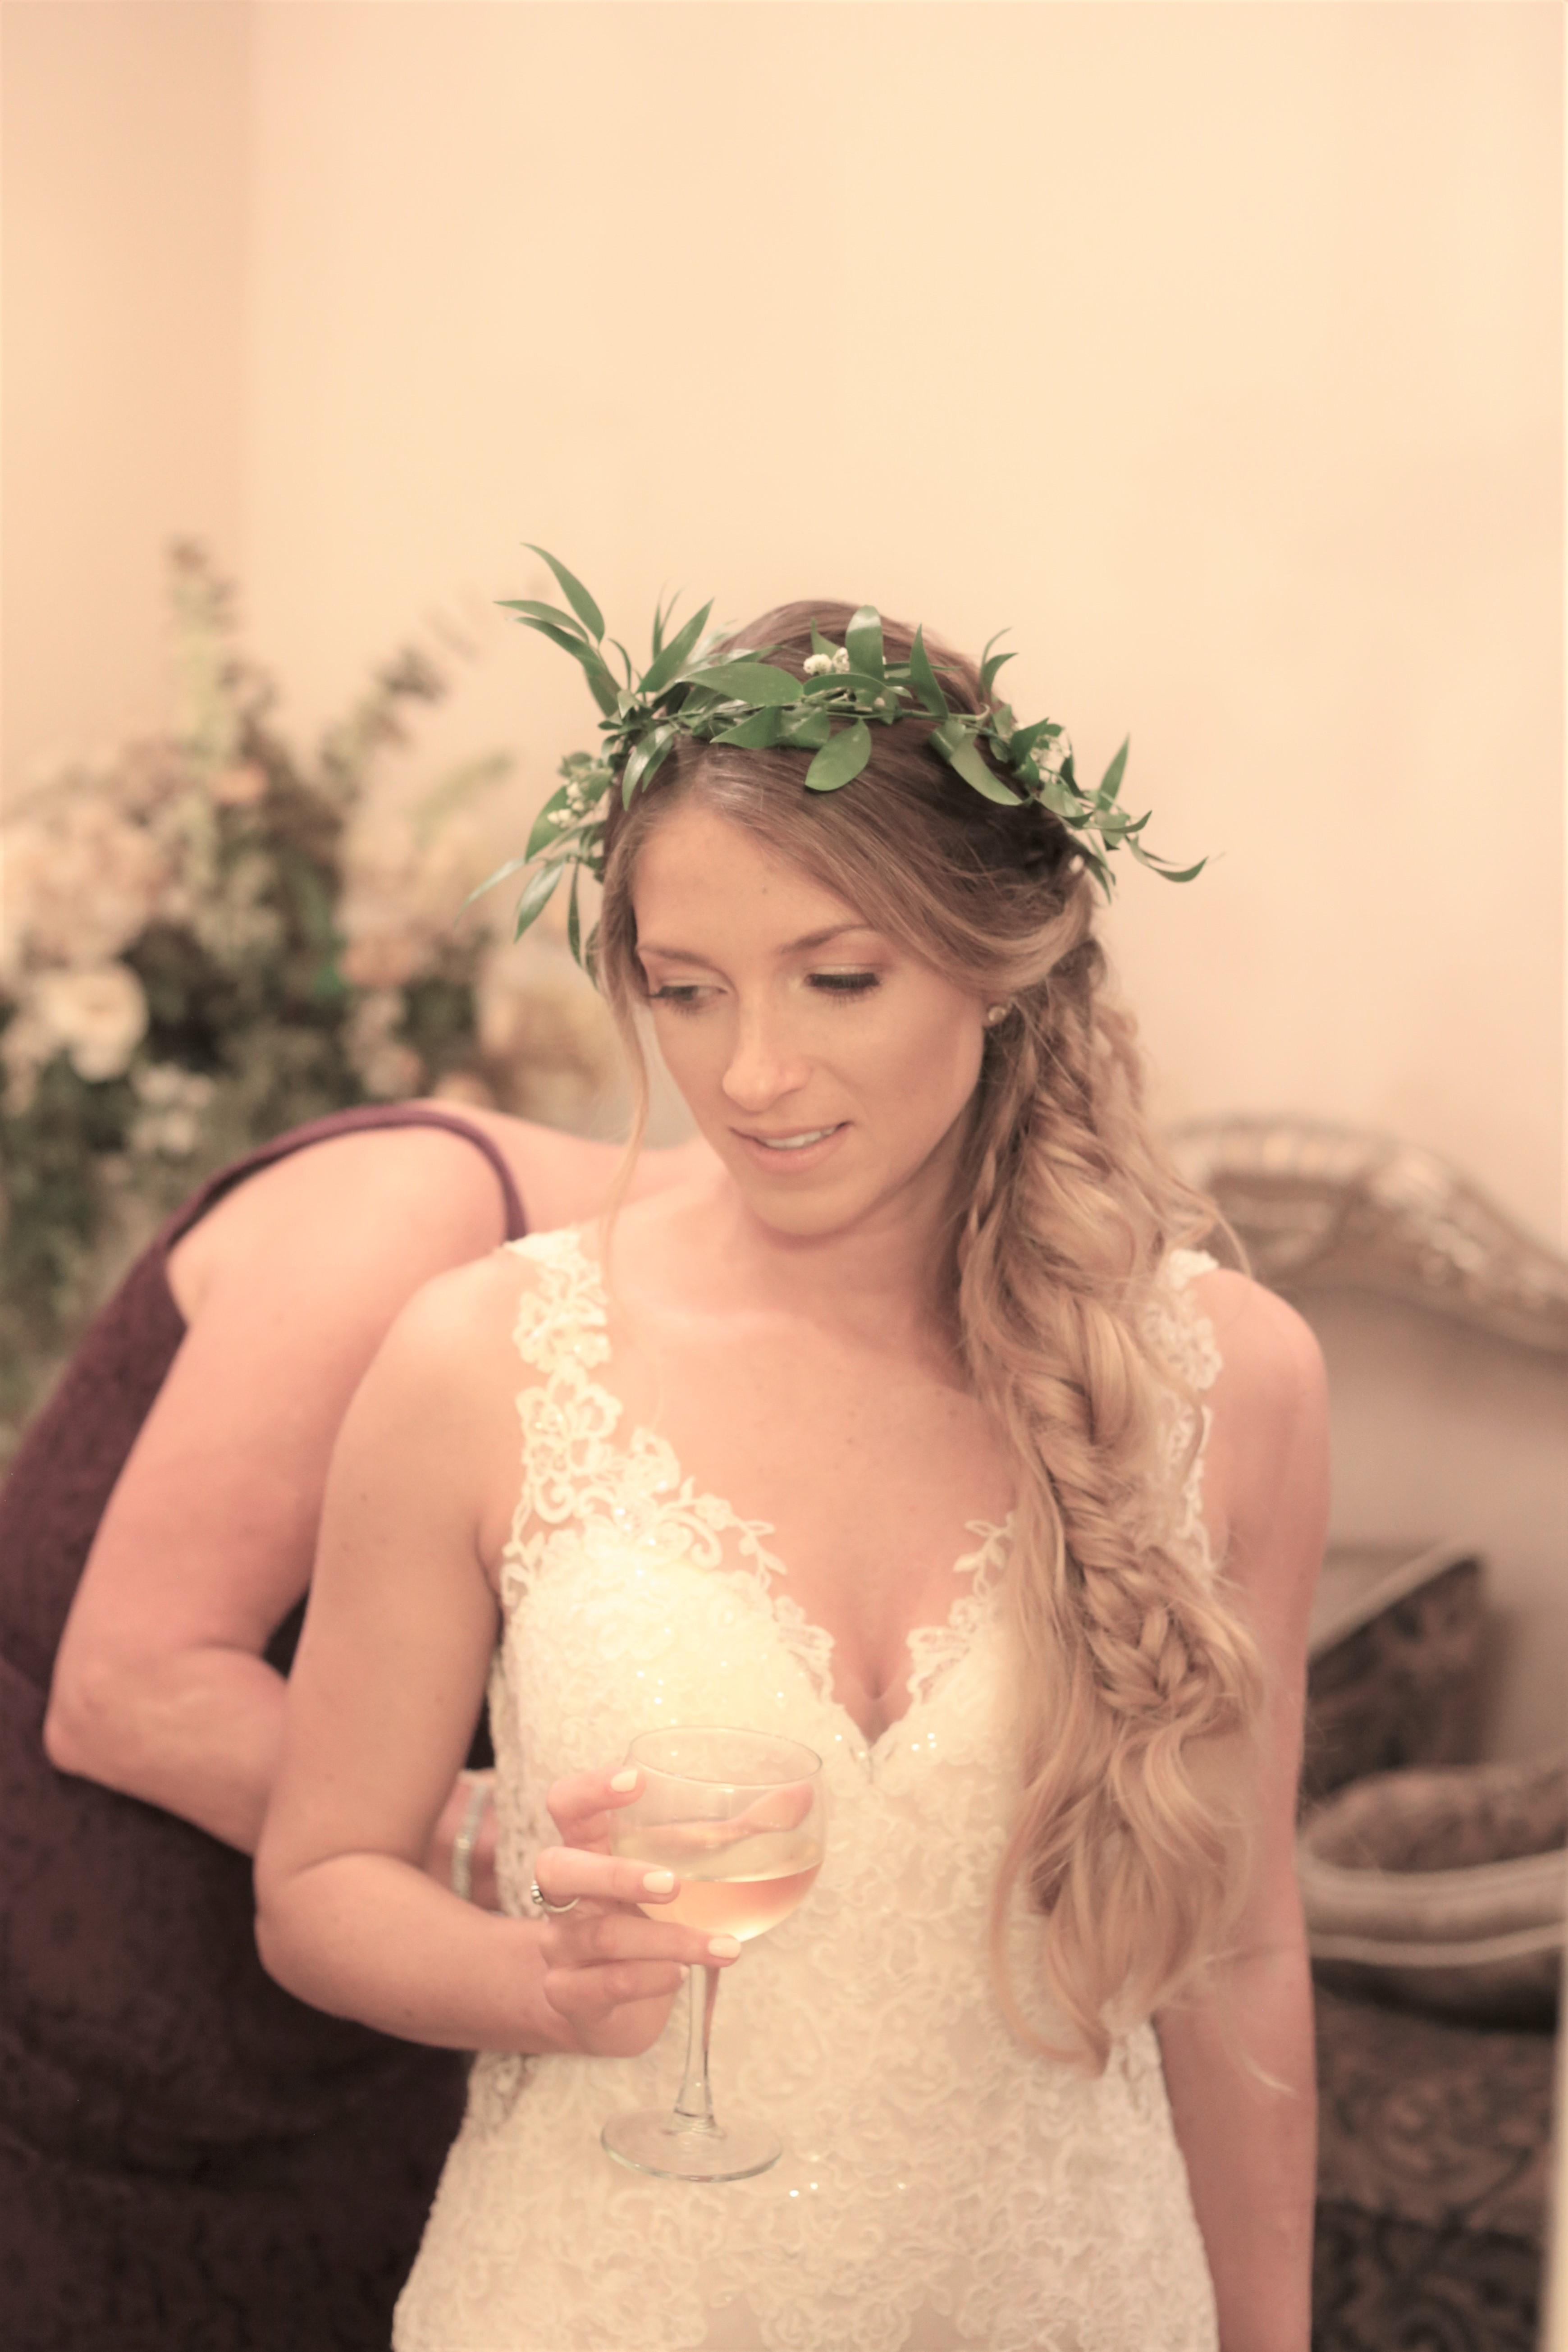 Bridal (Pricing may vary)